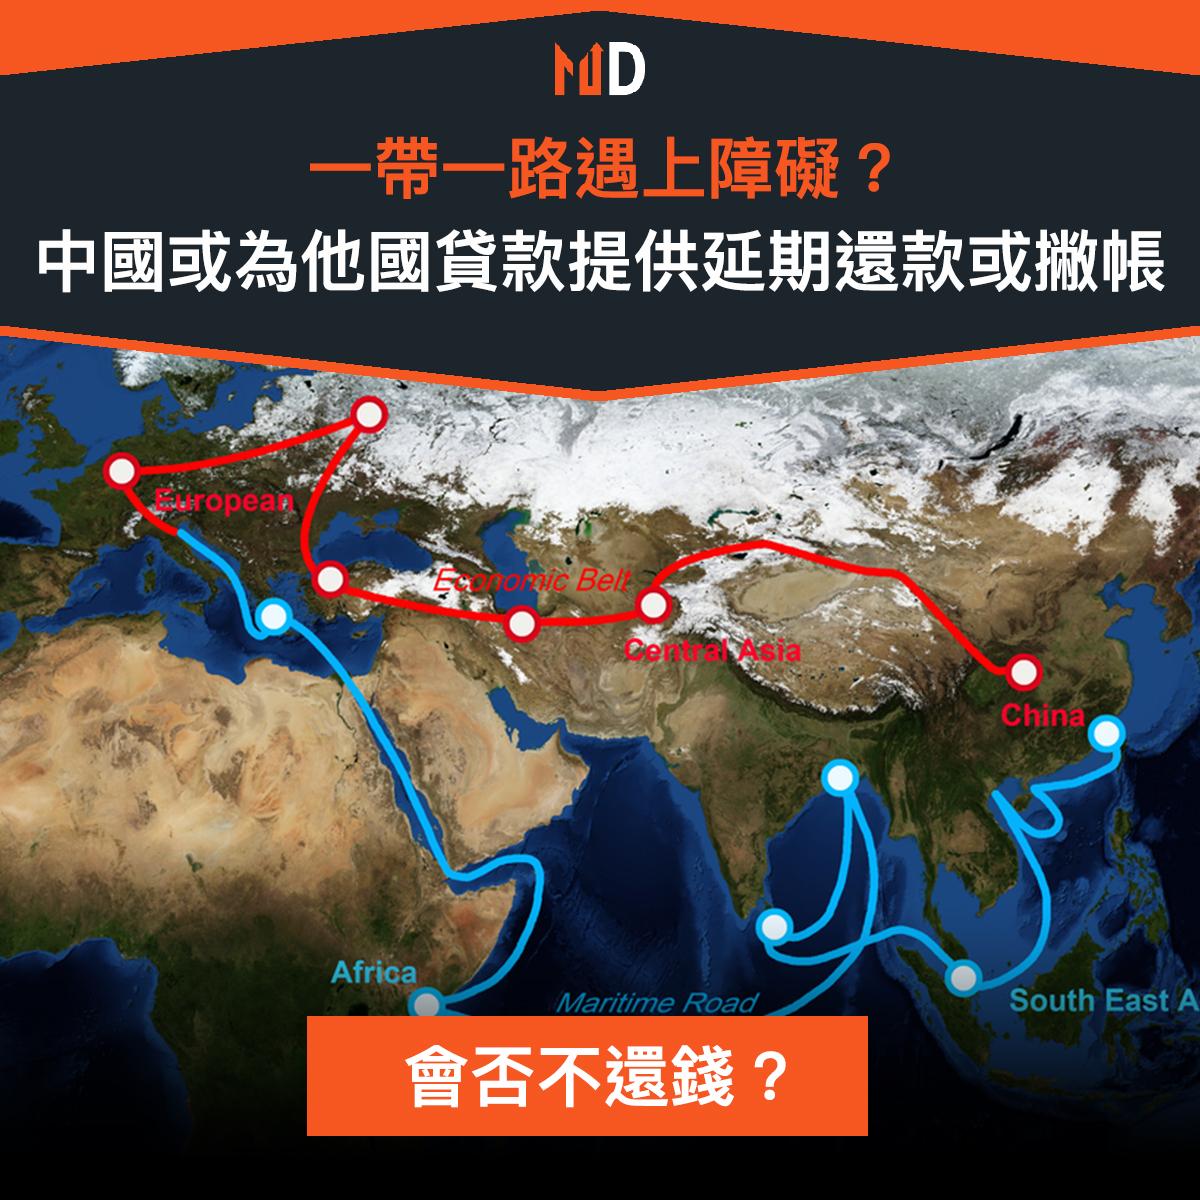 【#市場熱話】一帶一路遇上障礙?中國或為他國貸款提供延期還款或撇帳